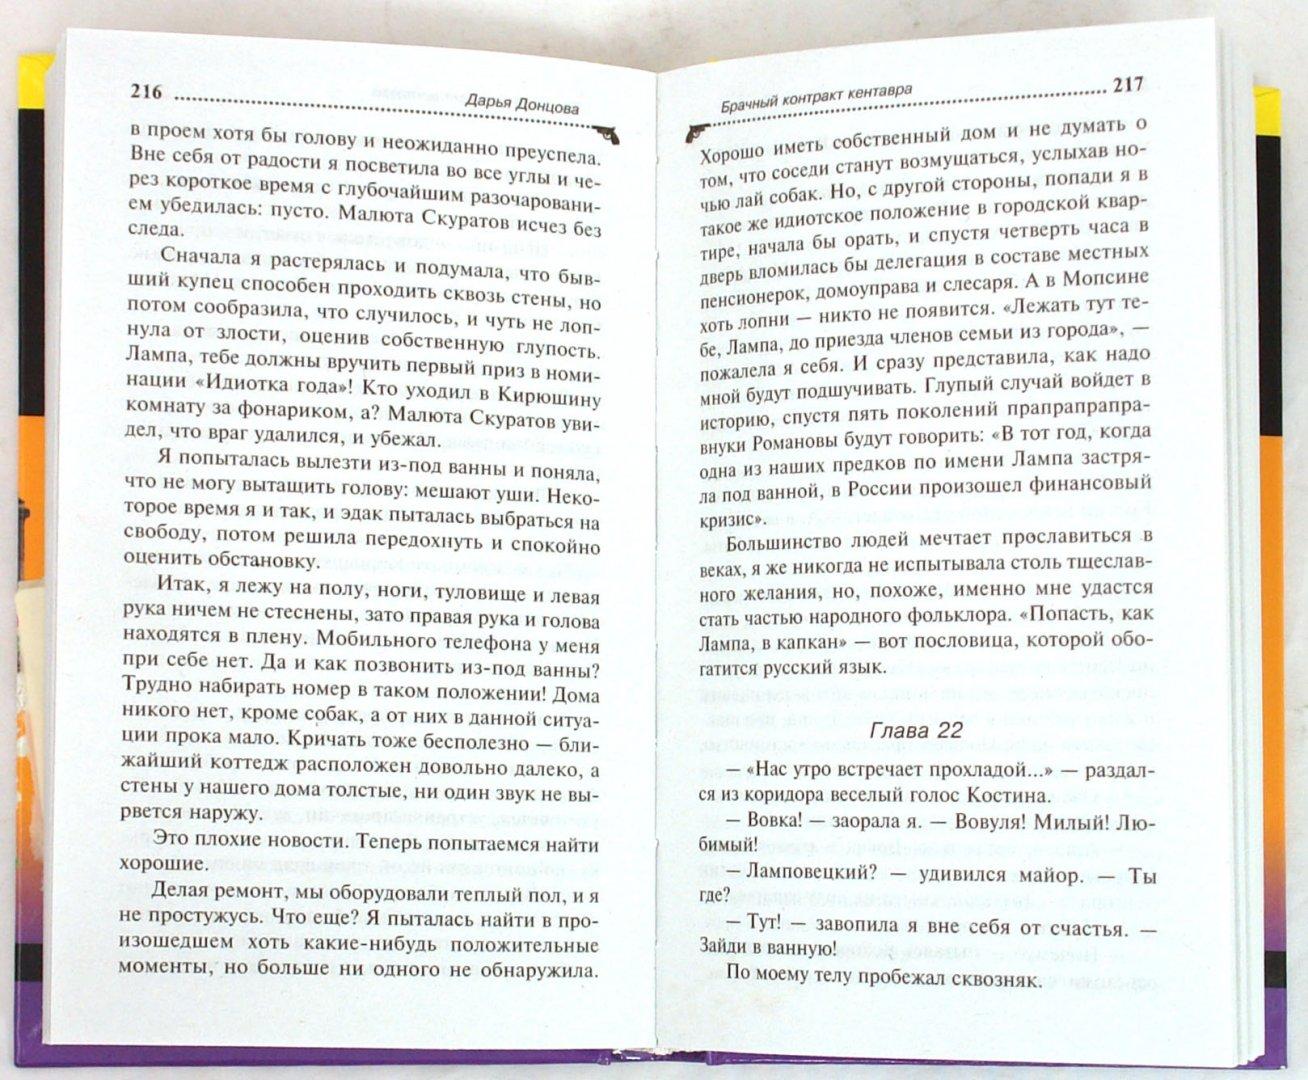 Иллюстрация 1 из 15 для Брачный контракт кентавра - Дарья Донцова | Лабиринт - книги. Источник: Лабиринт